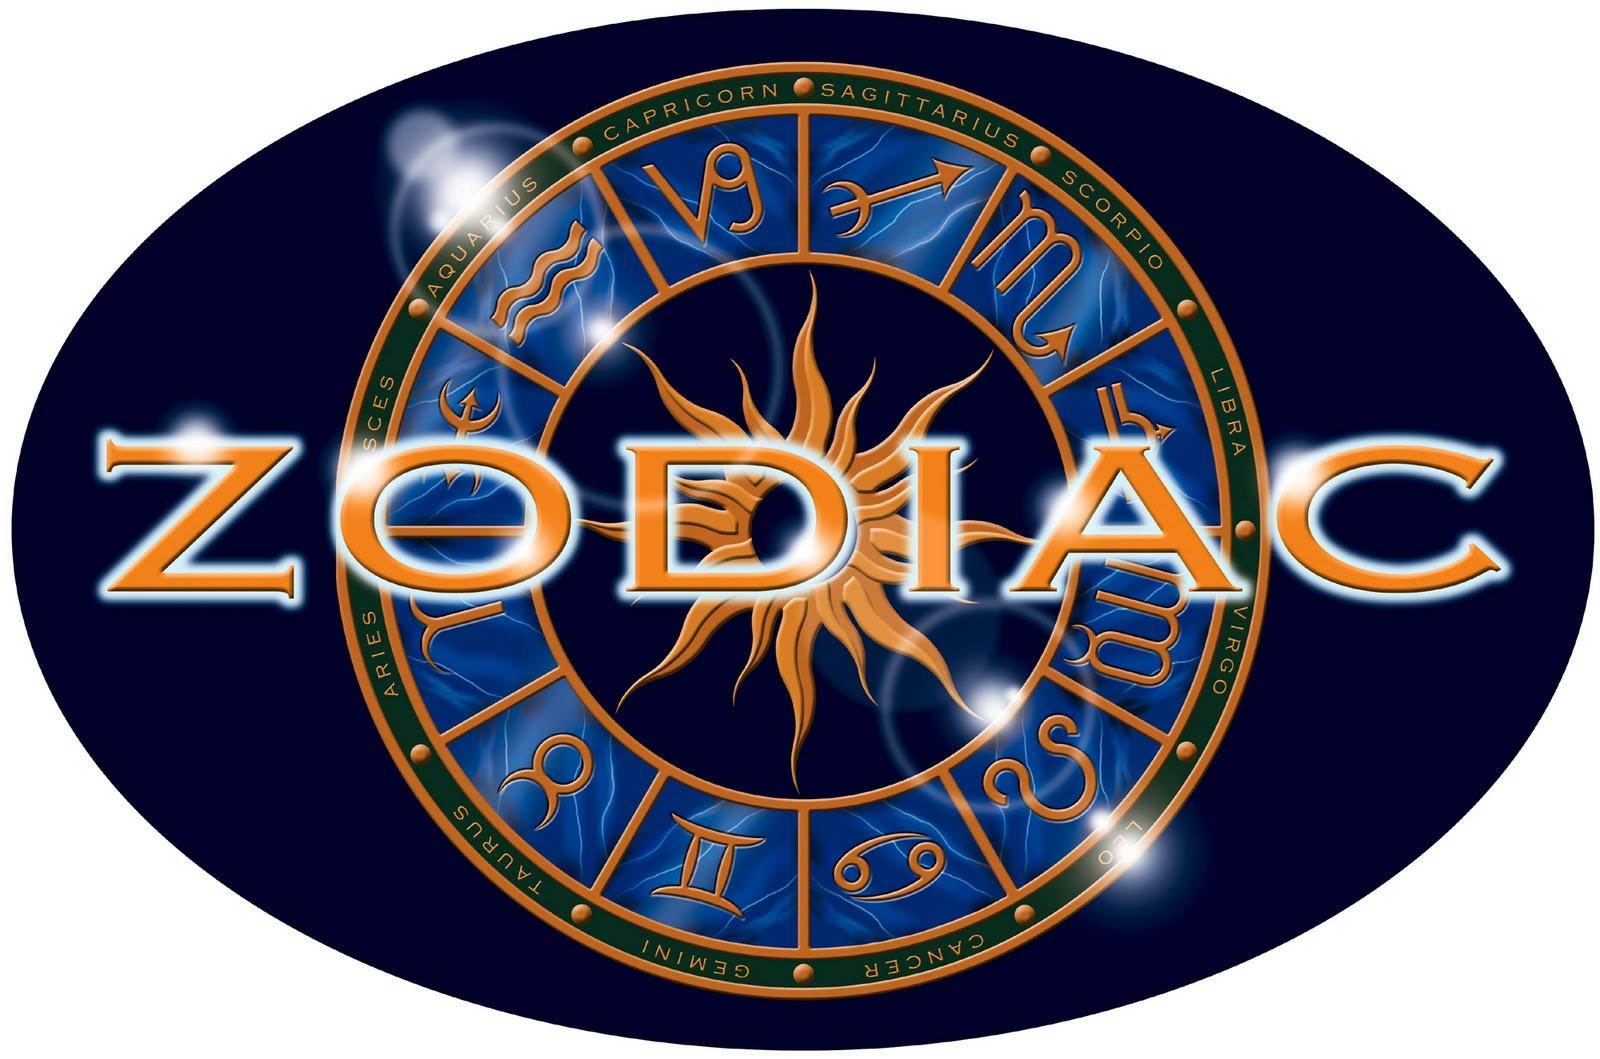 Zodiak Hari Ini - Ramalan Zodiak Hari Ini yang ingin mencari ramalan